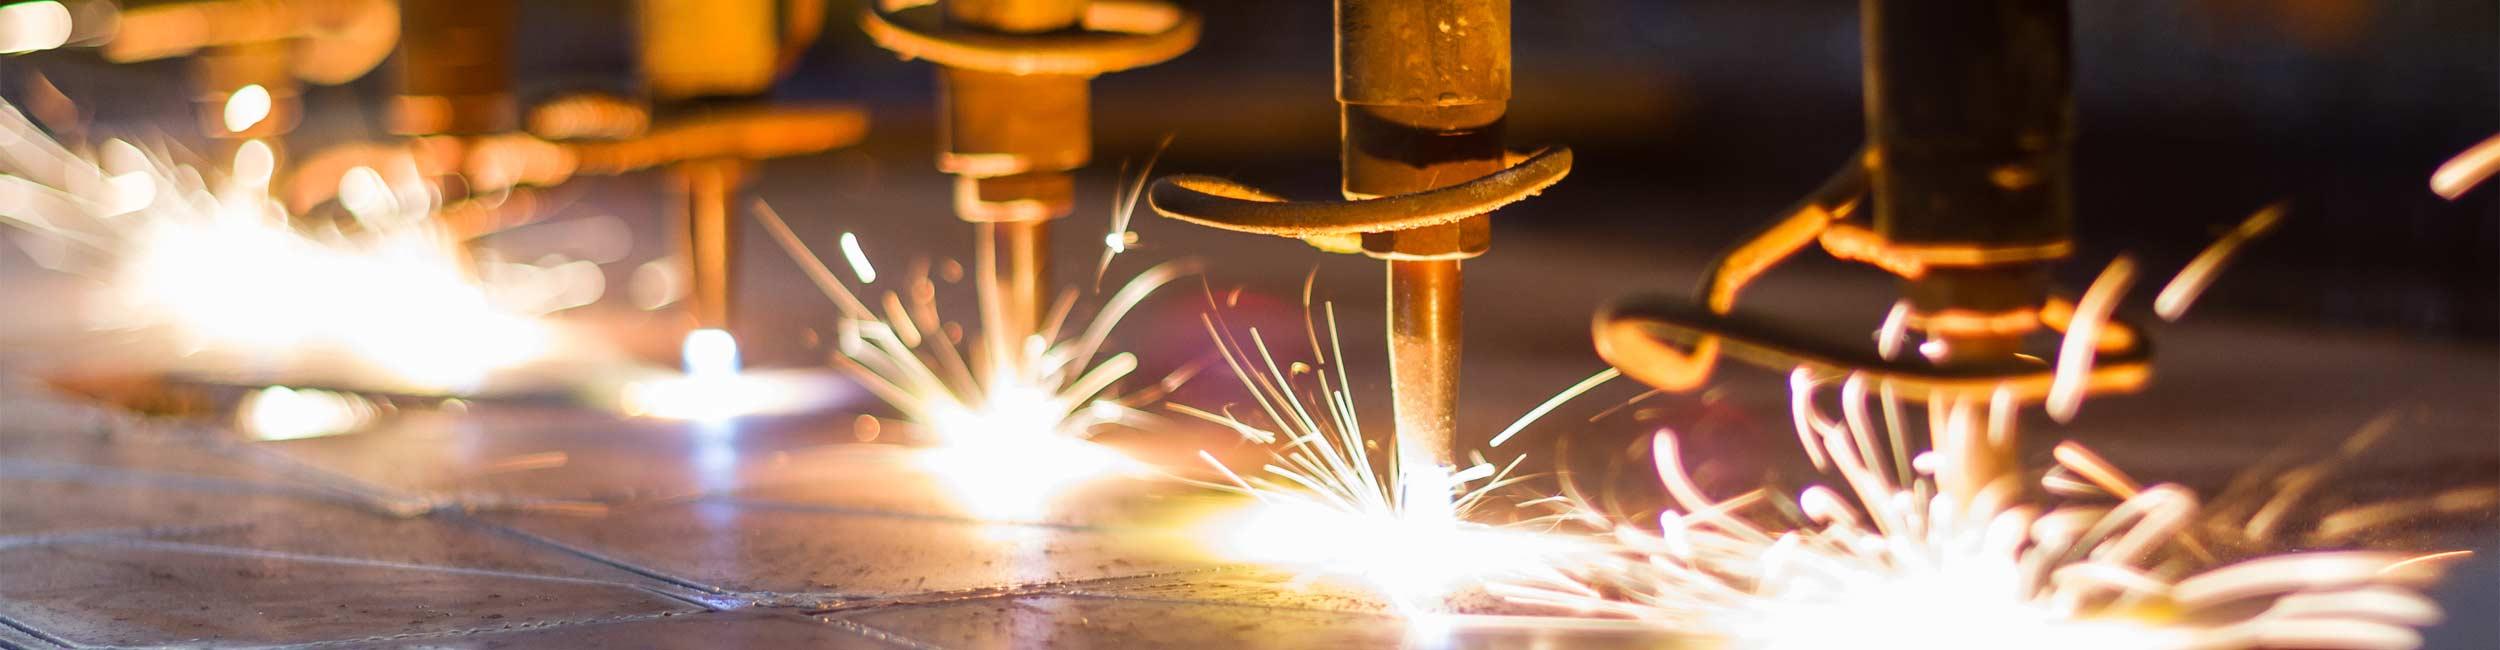 U.S. Manufacturing Gains Steam